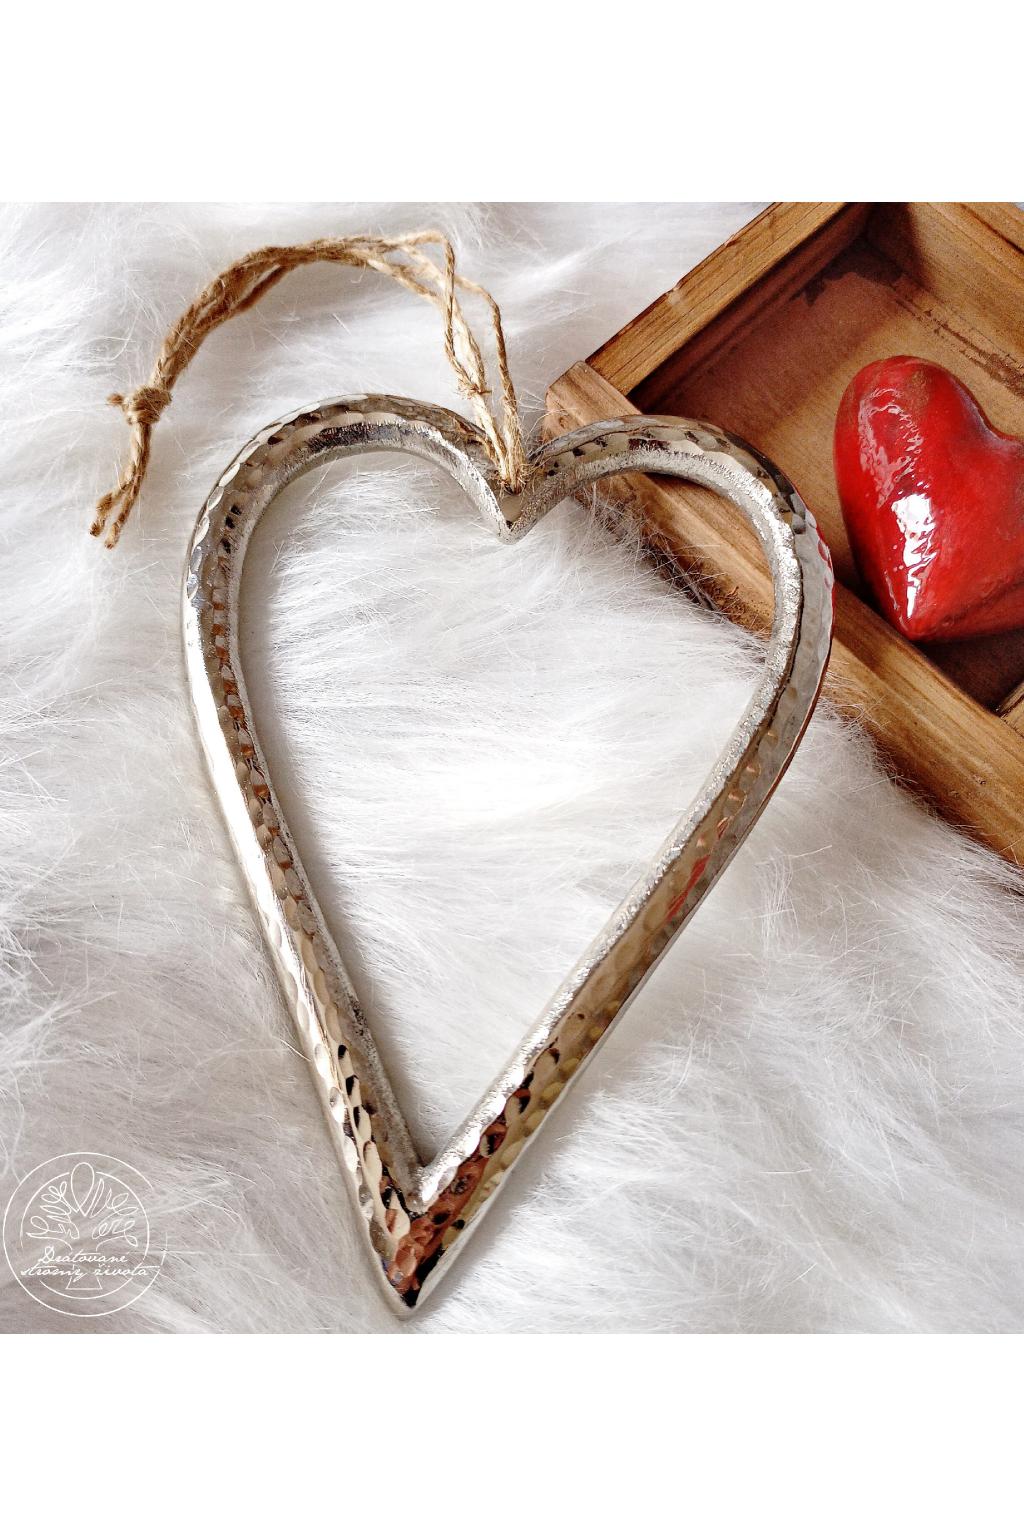 Srdce - Laskavost a cit  17cm